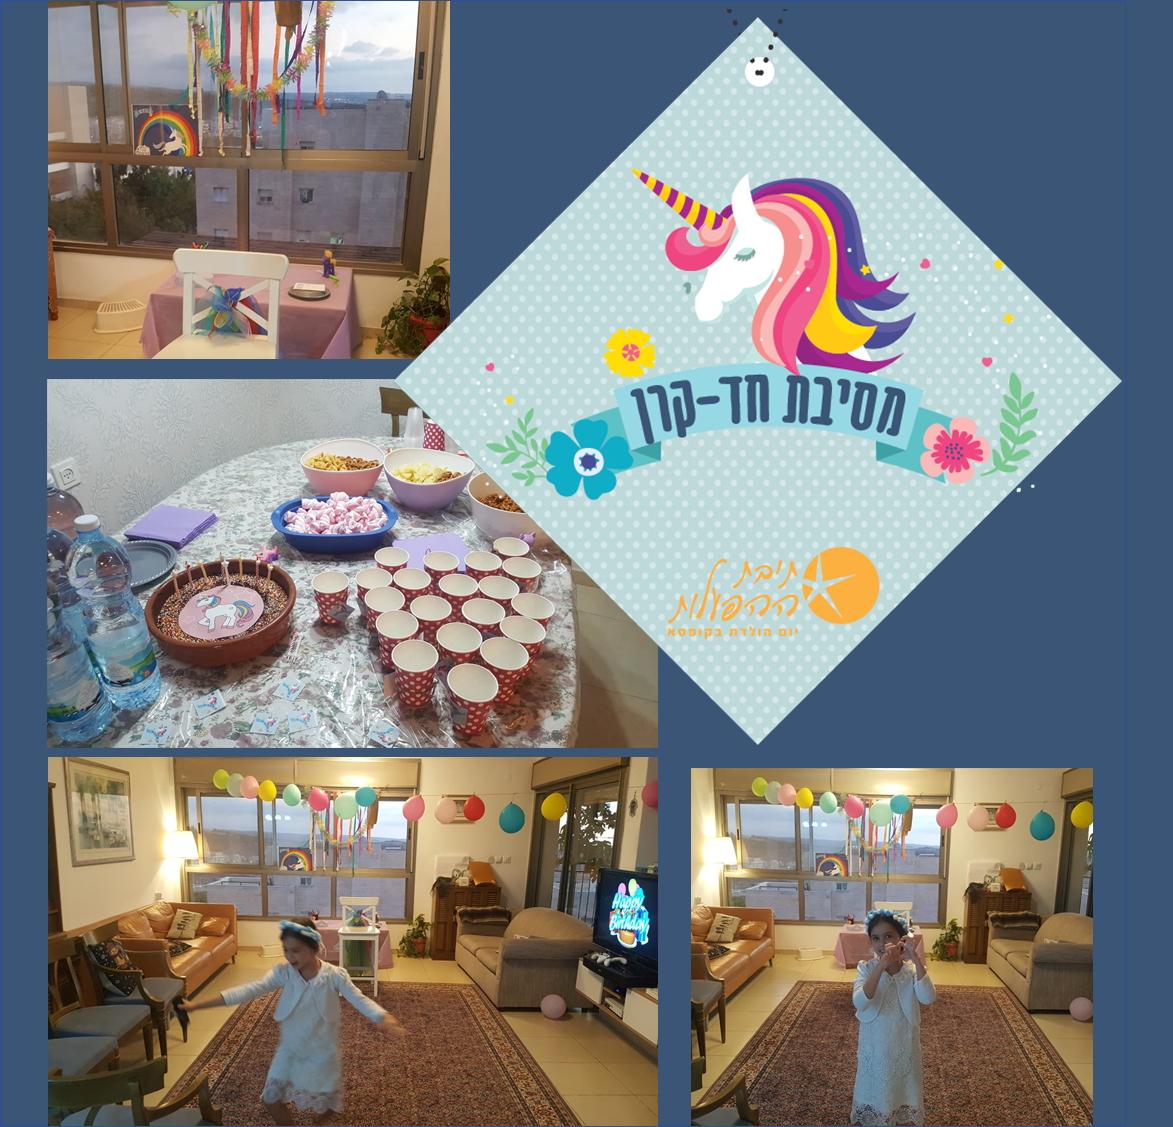 יום הולדת בבית יום הולדת חד קרן רעיונות